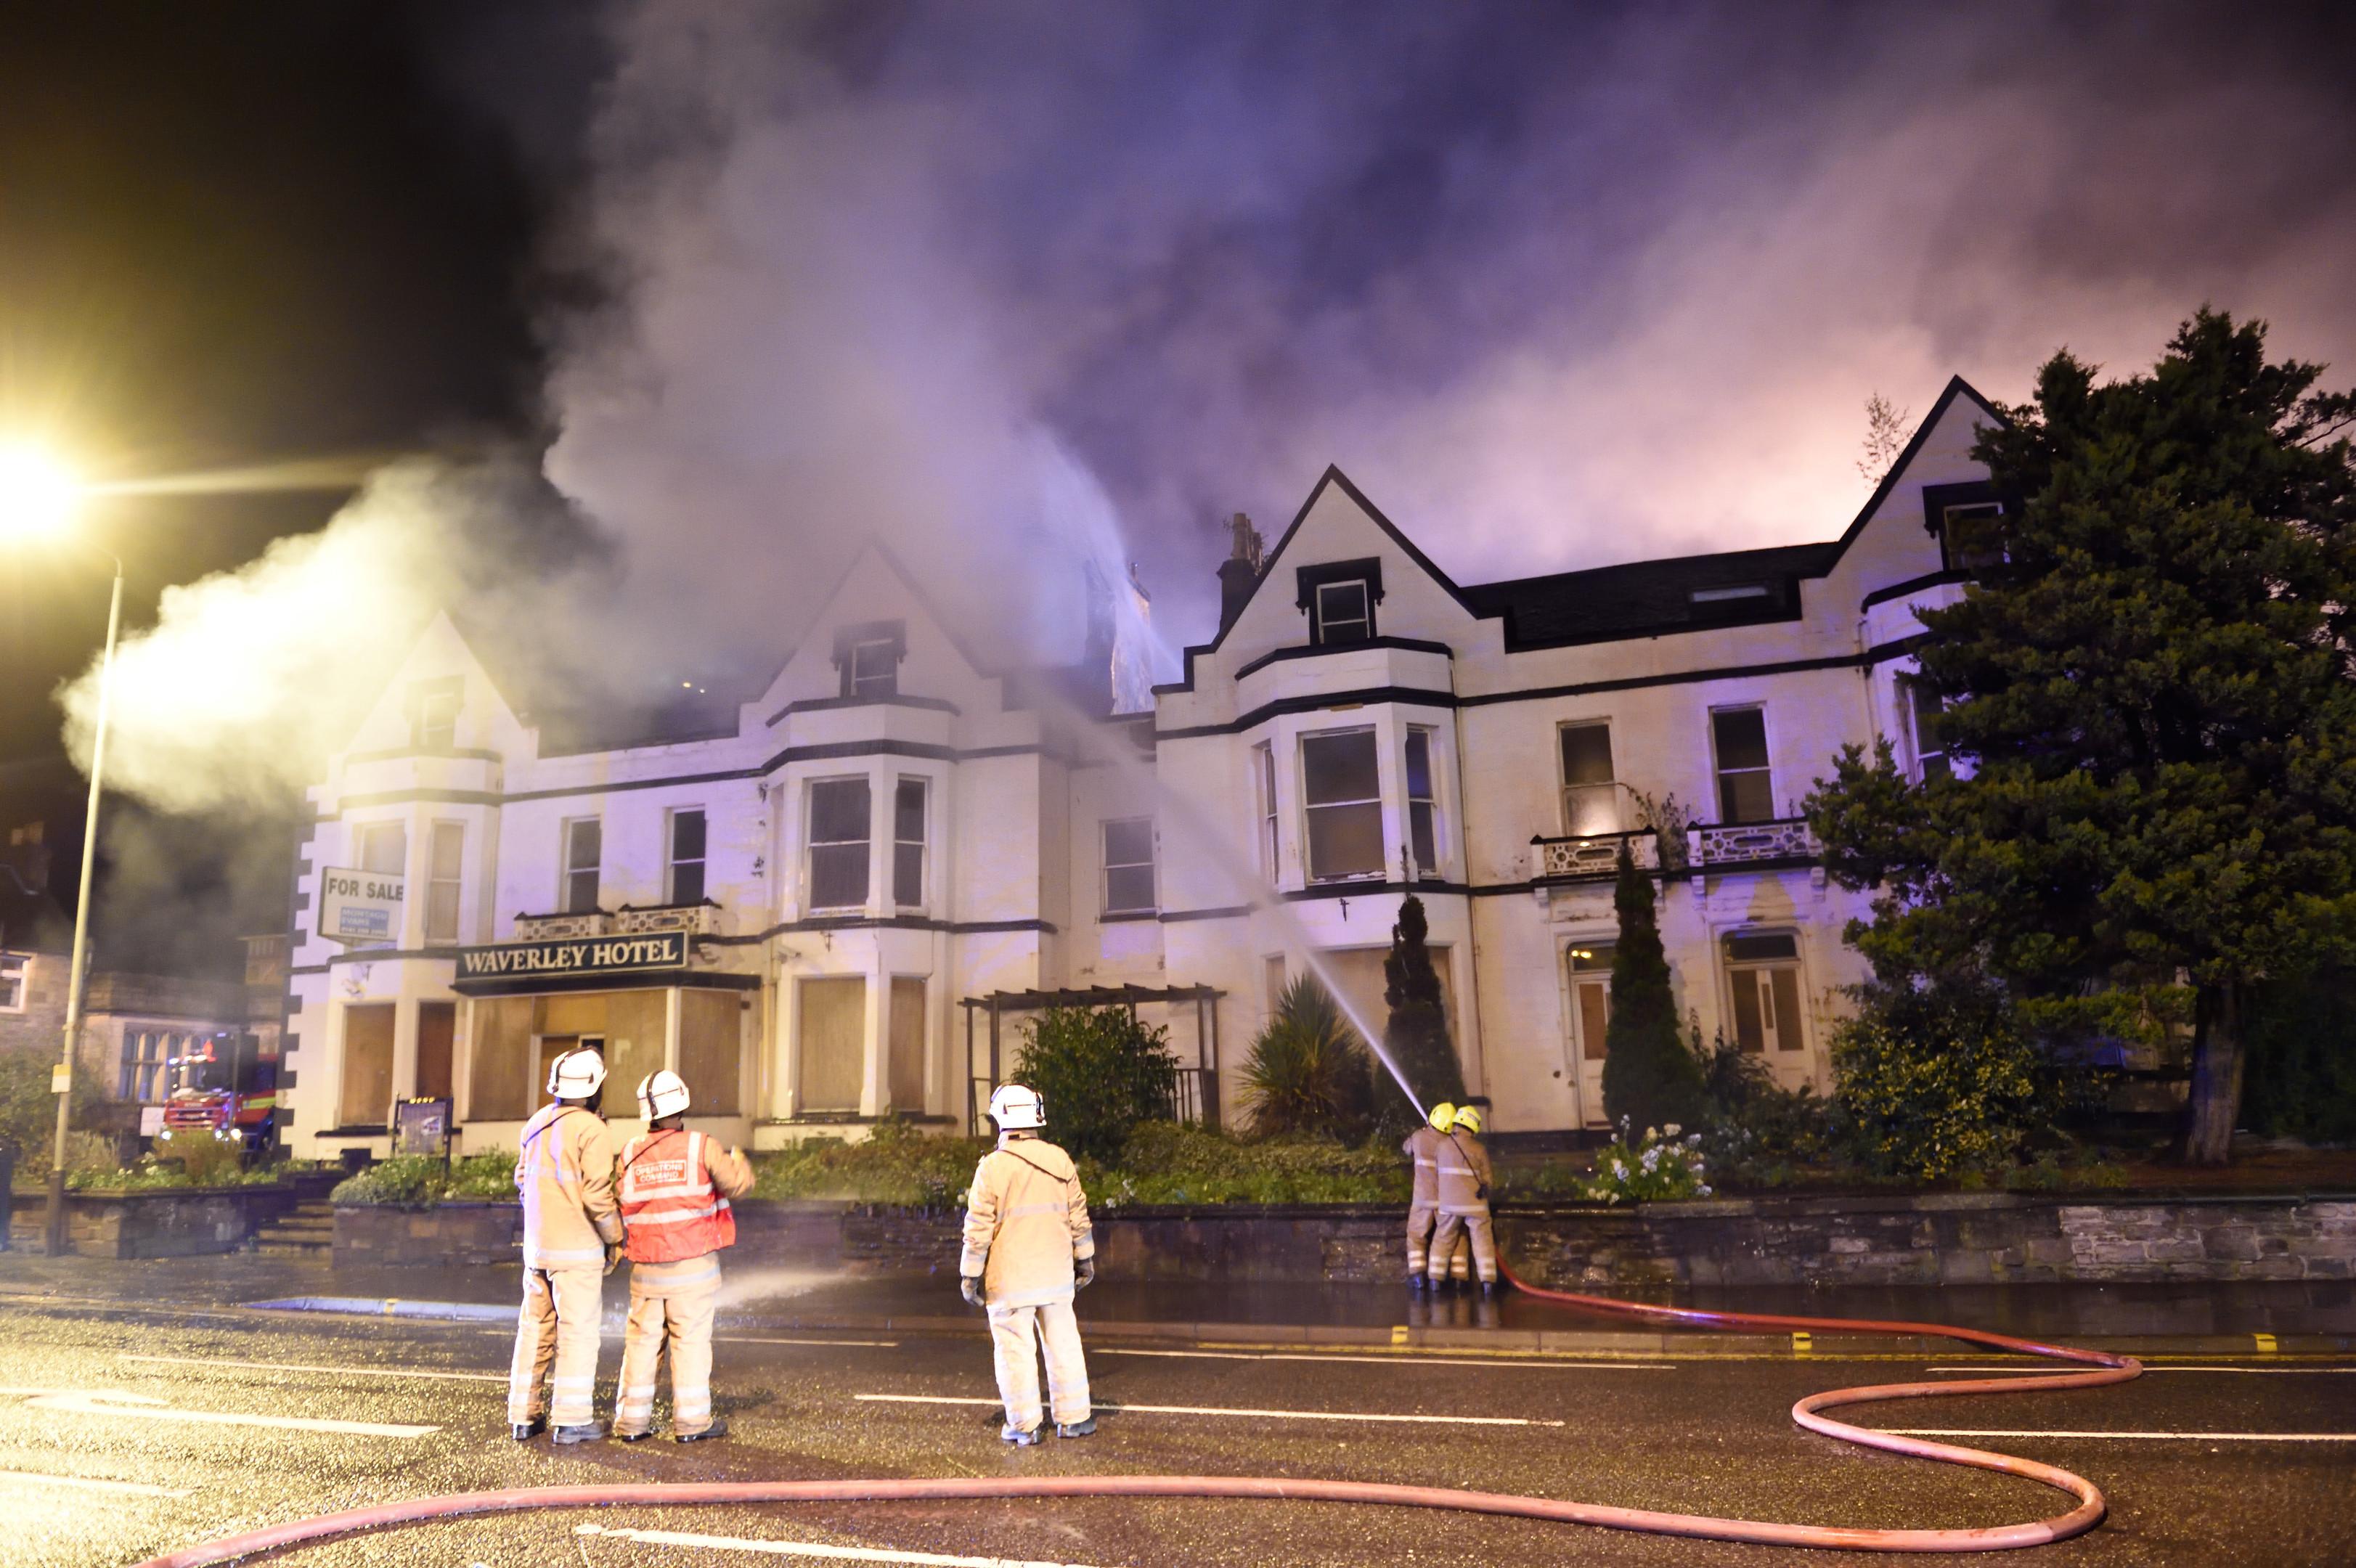 The hotel blaze in November 2015.